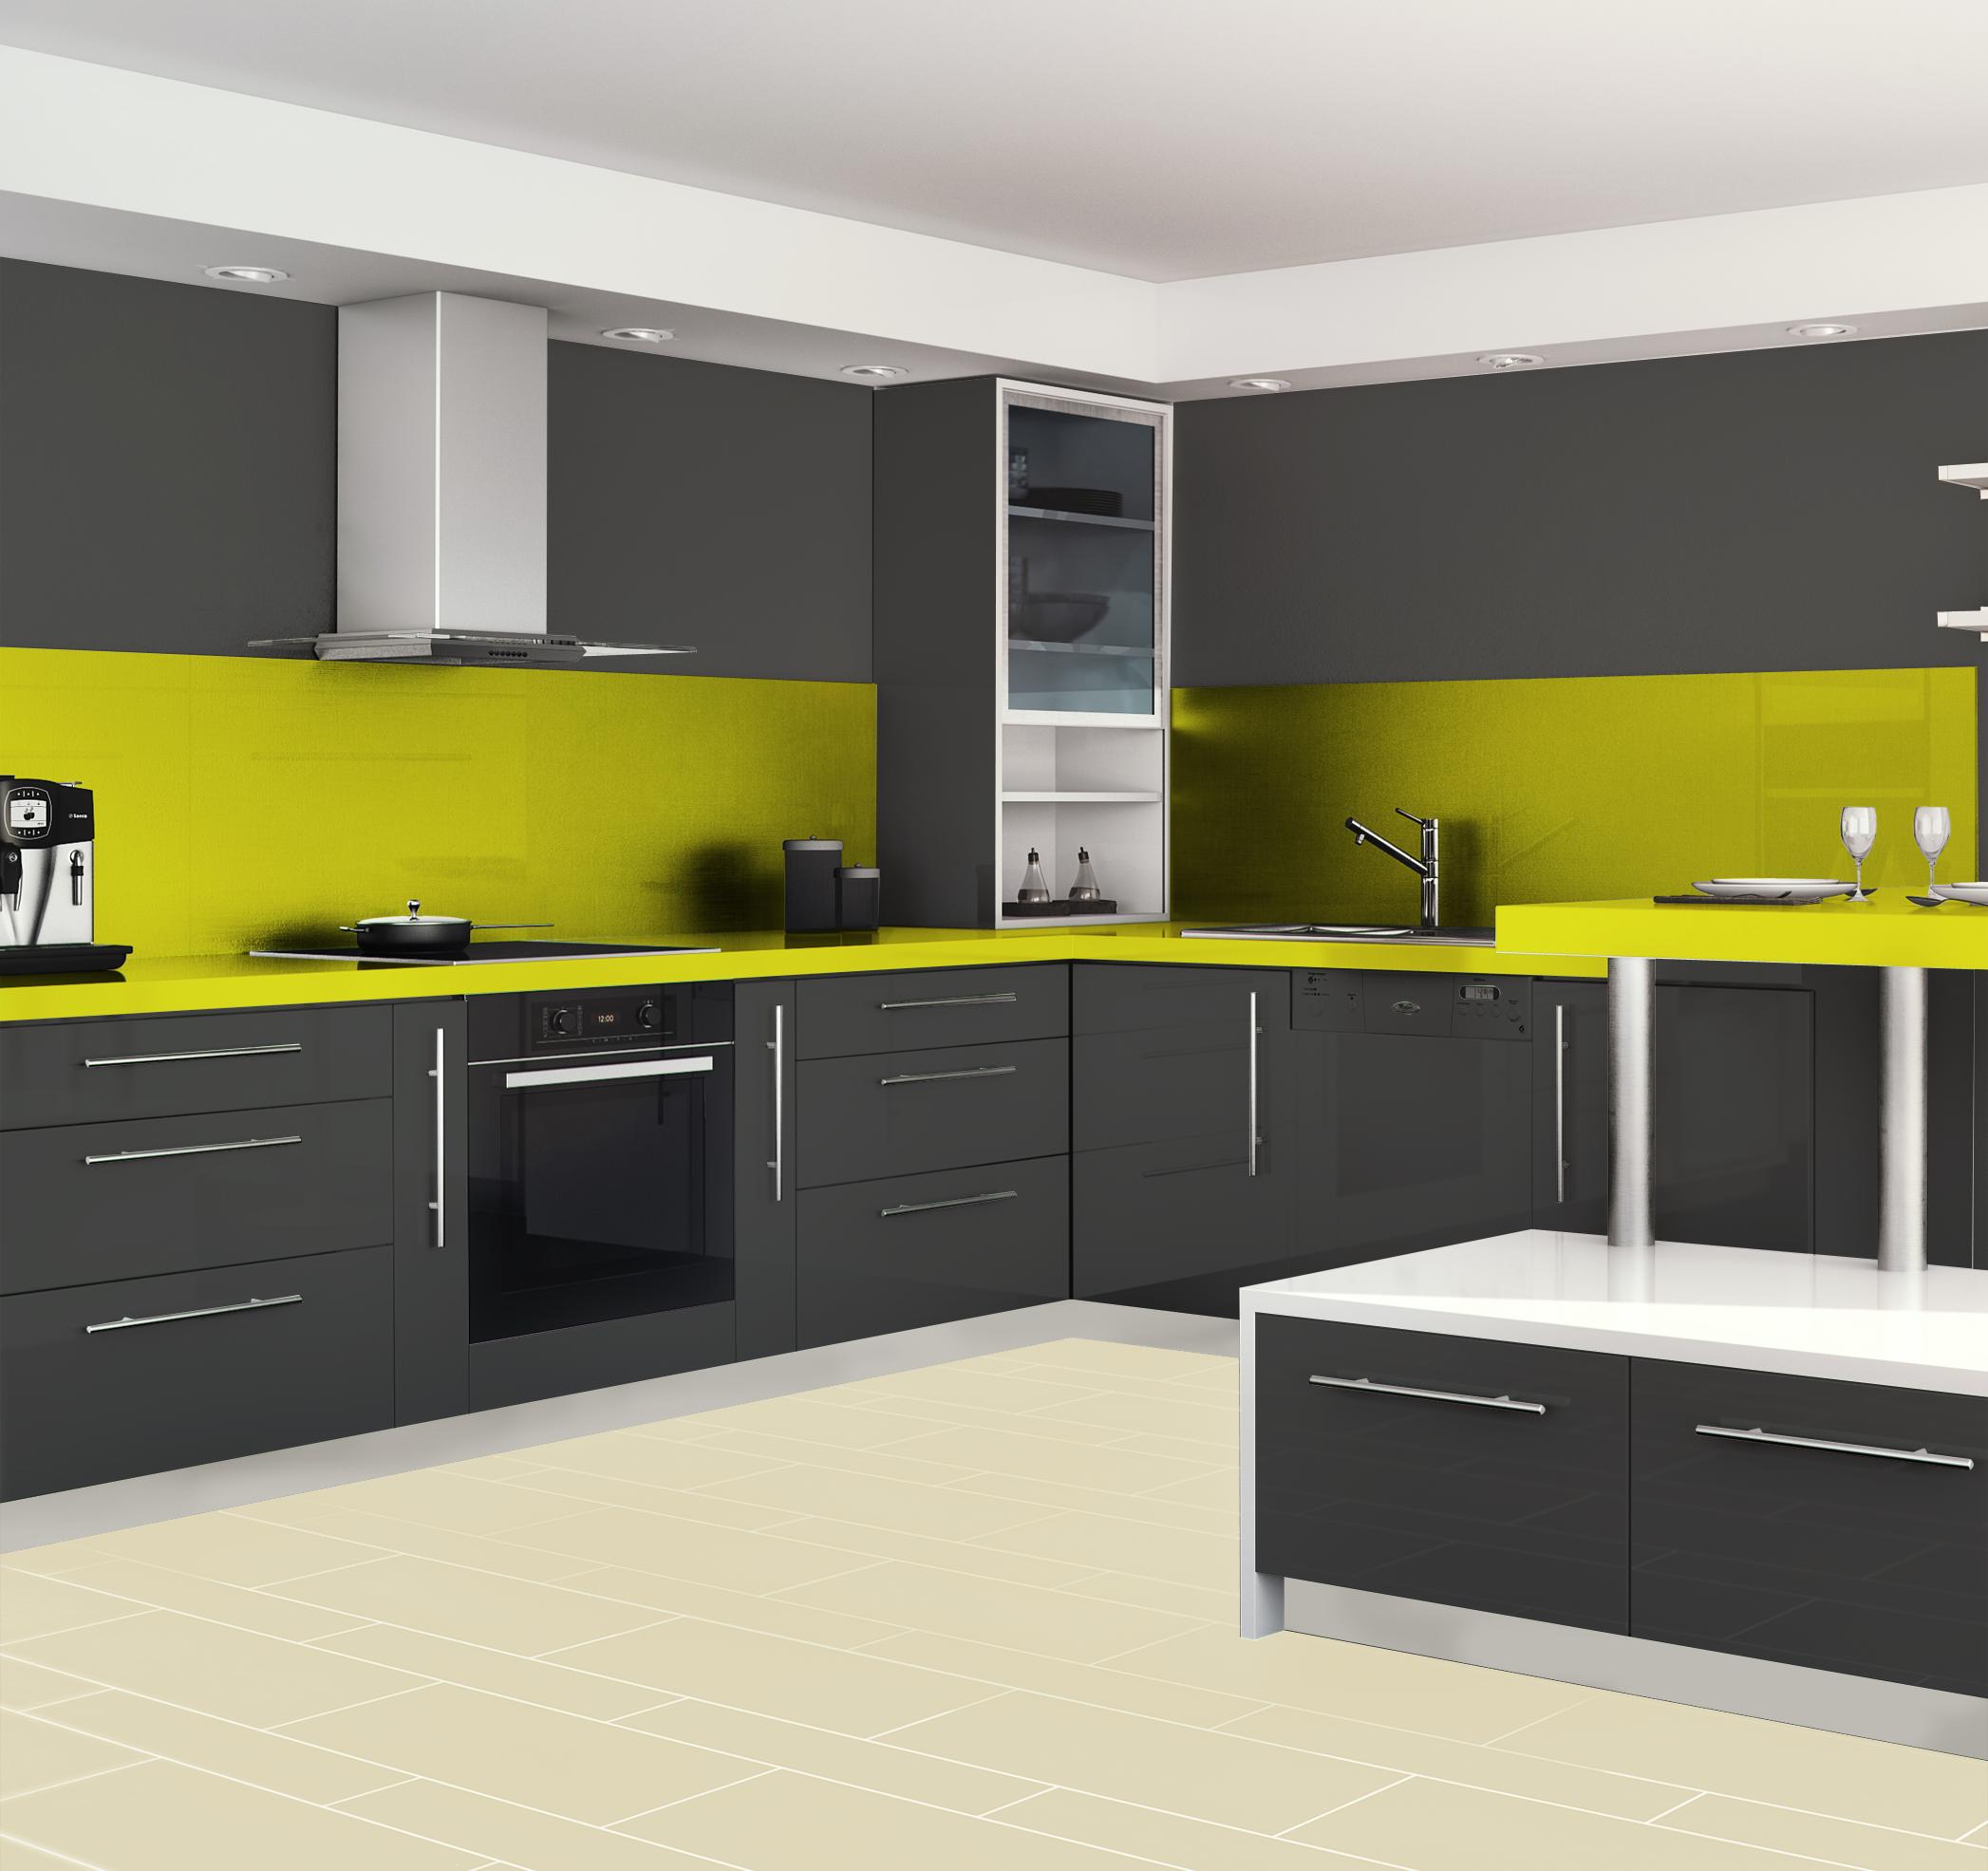 esprit urbain simulation avec la teinte gris pavot fa ades meubles la teinte pom pomme. Black Bedroom Furniture Sets. Home Design Ideas